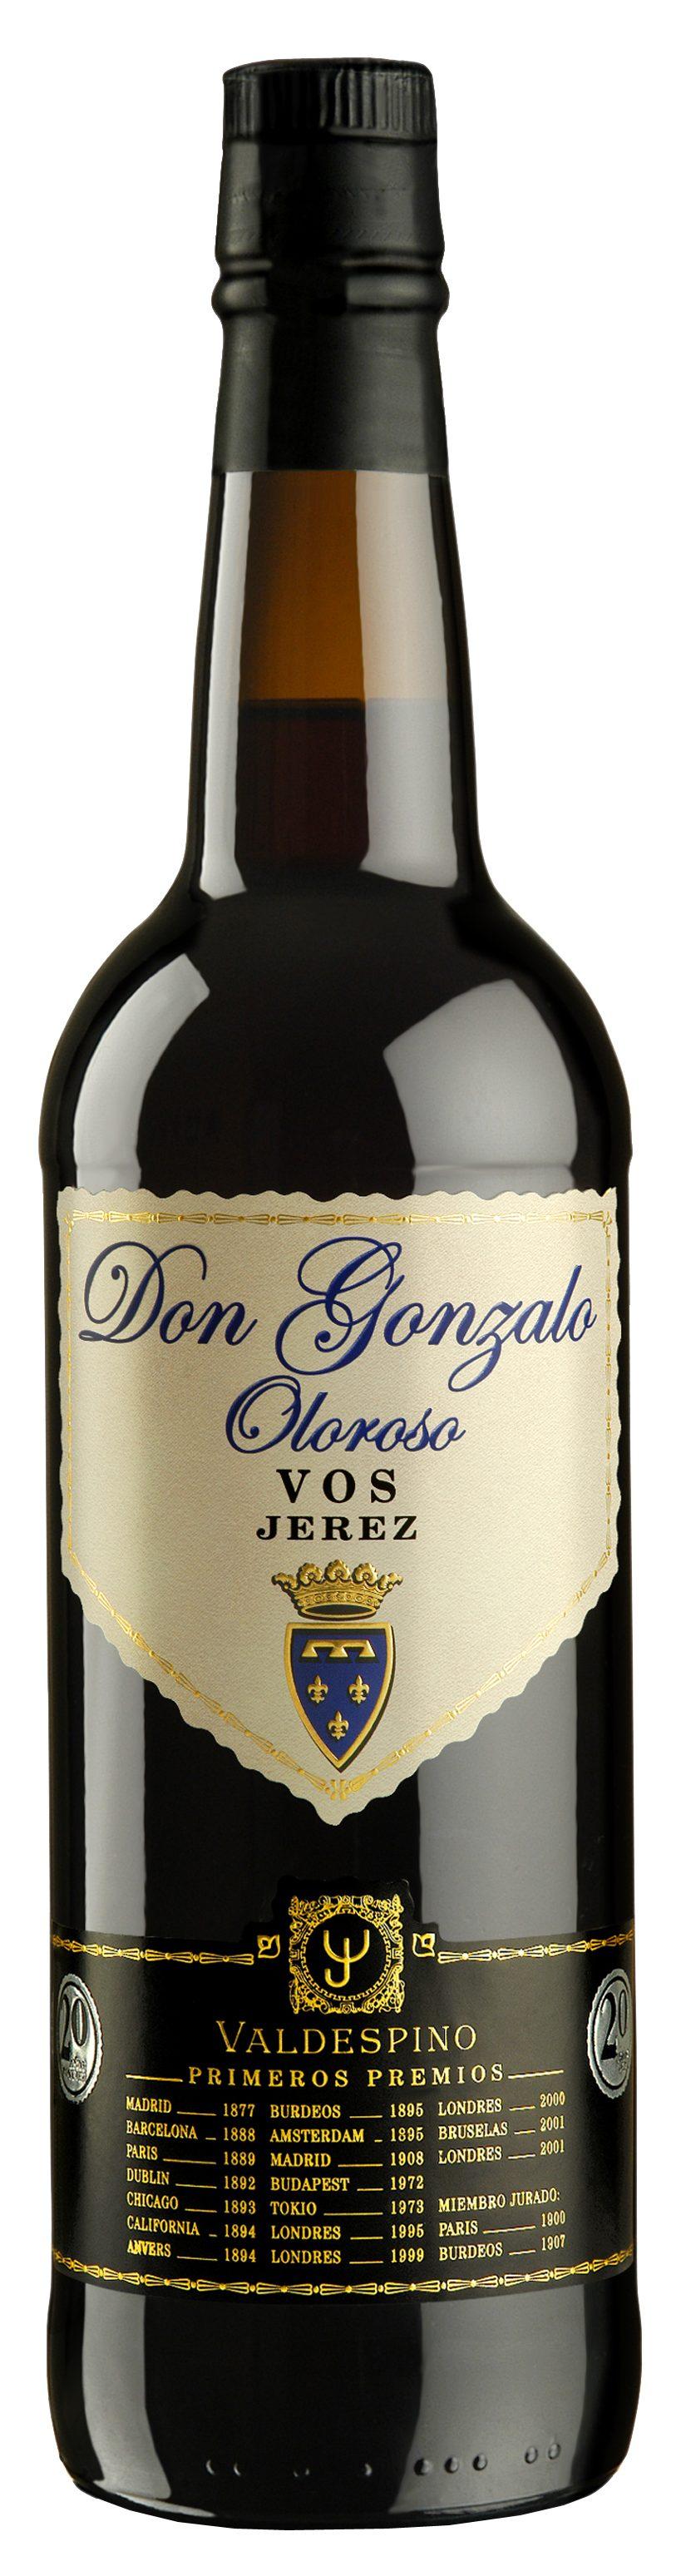 Valdespino Don Gonzalo Oloroso VOS Sherry